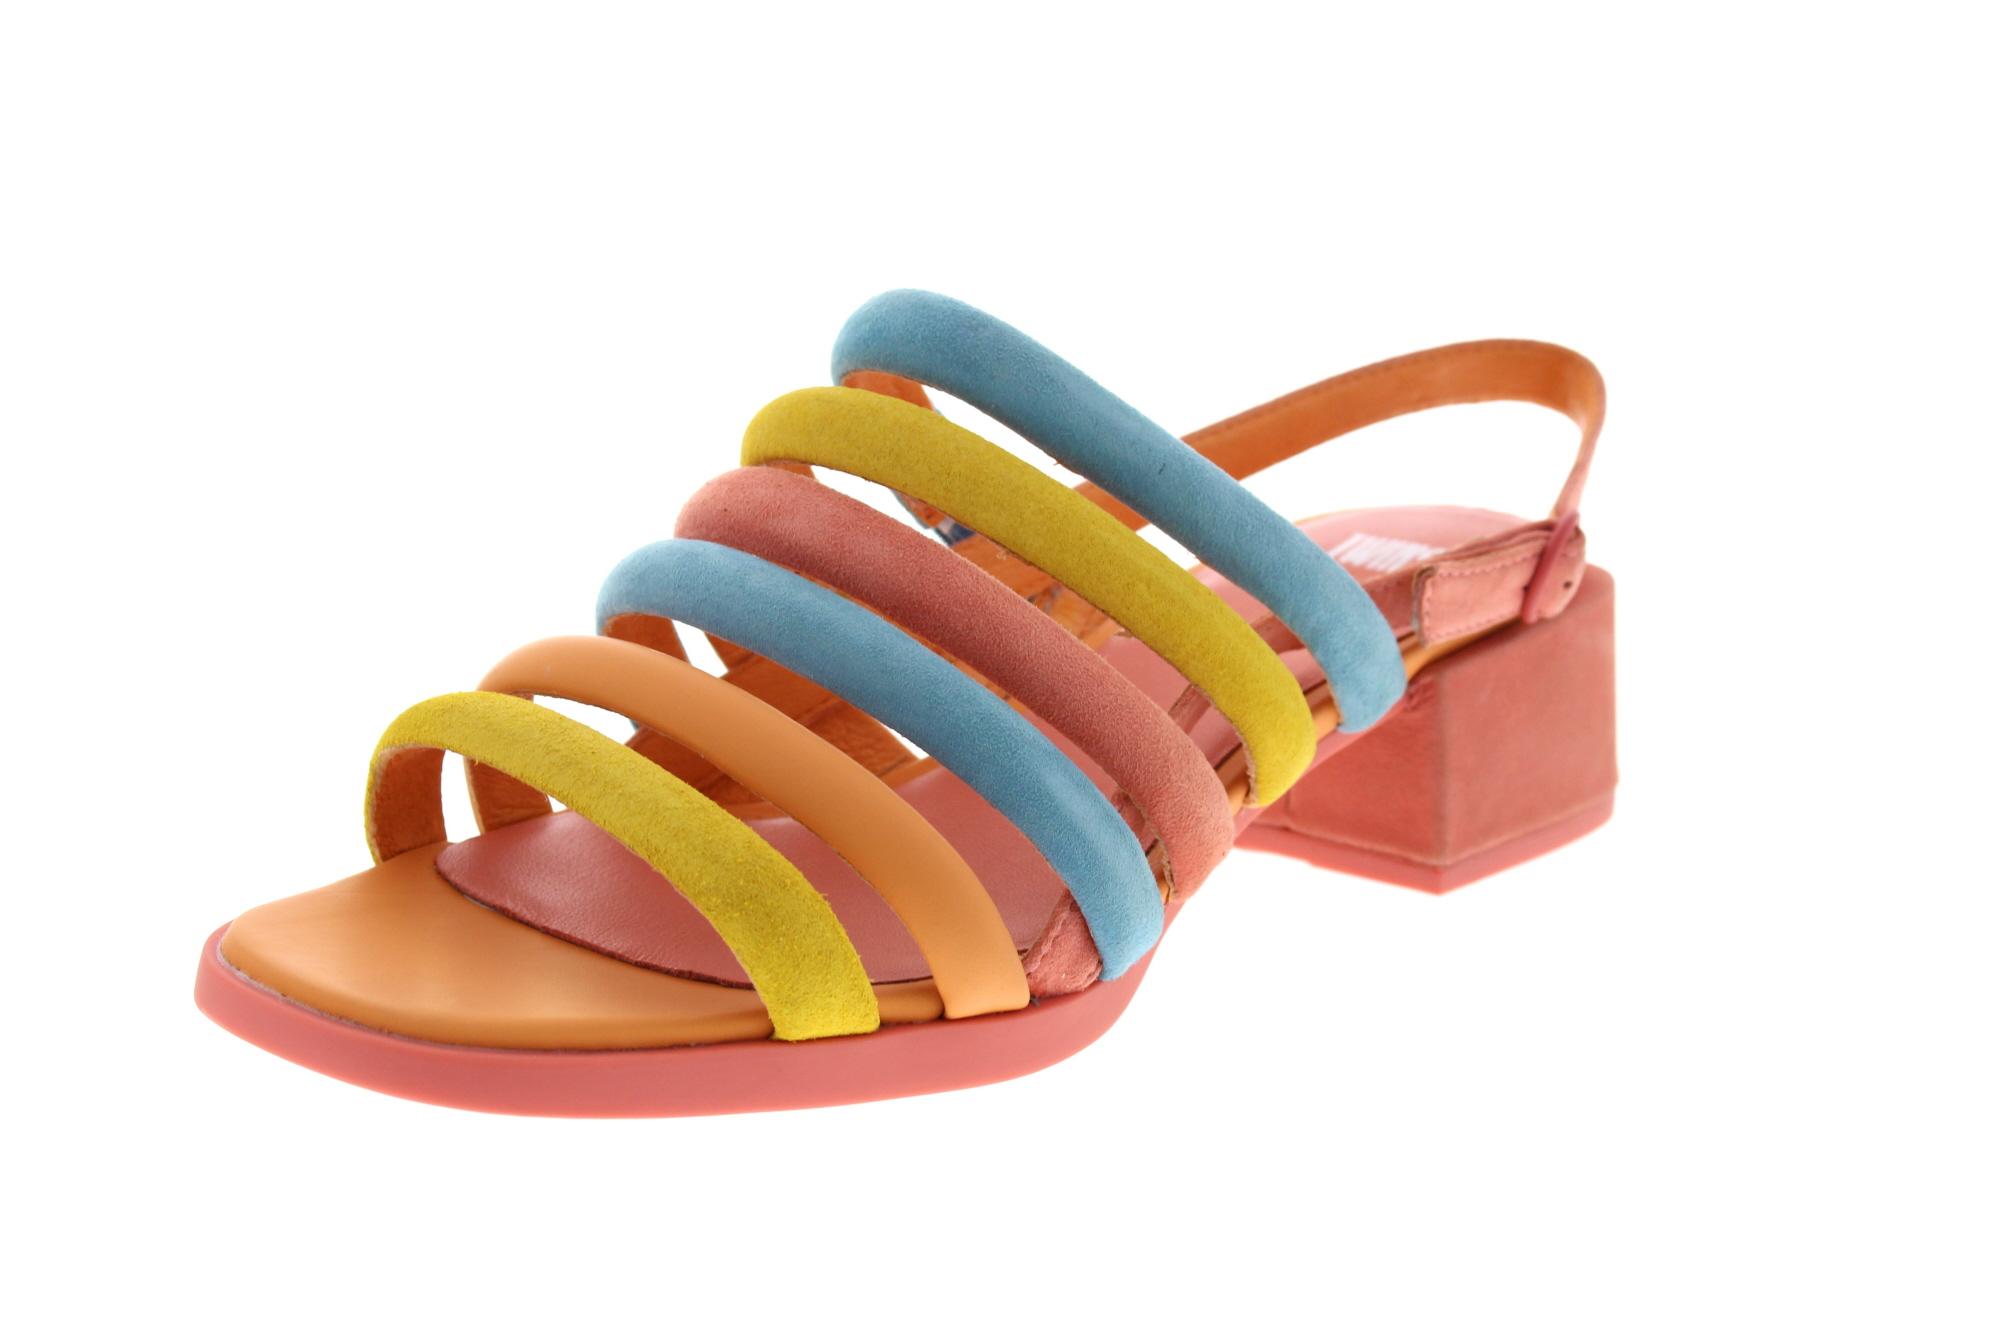 camper damen sandalette twins k200599 001 mai kobo. Black Bedroom Furniture Sets. Home Design Ideas